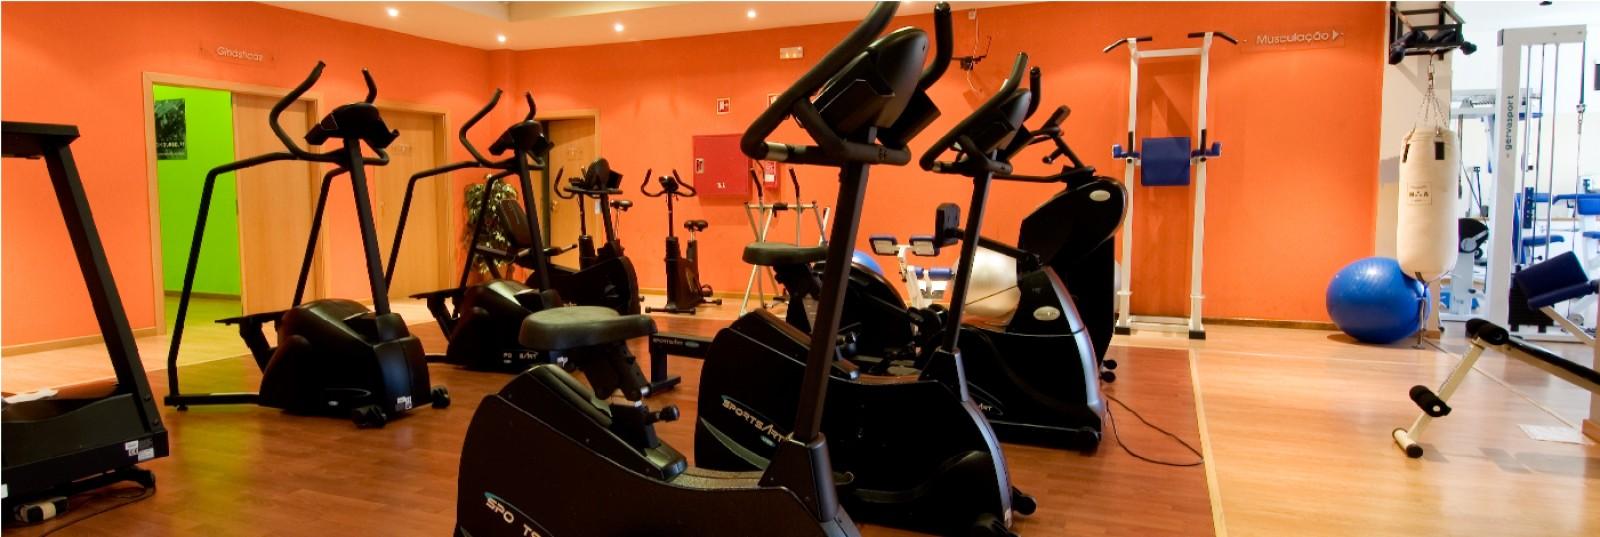 Hotel Eurosol Alcanena - Gymnasium (see opening hours)